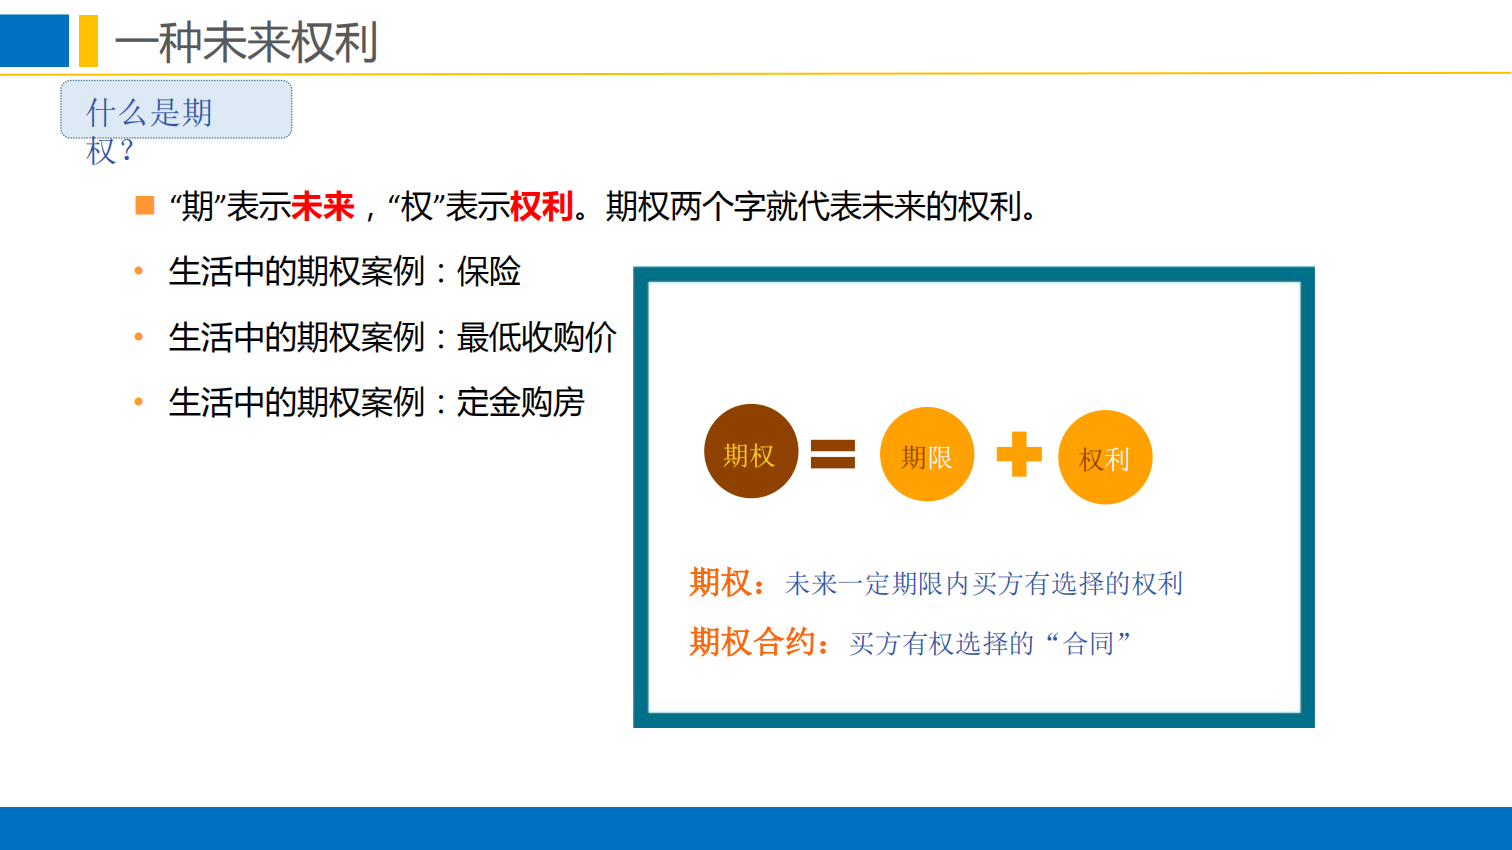 晨会:郑商所培训分享-棉花期权合约规则与上市工作安排0111.pdfx_03.png